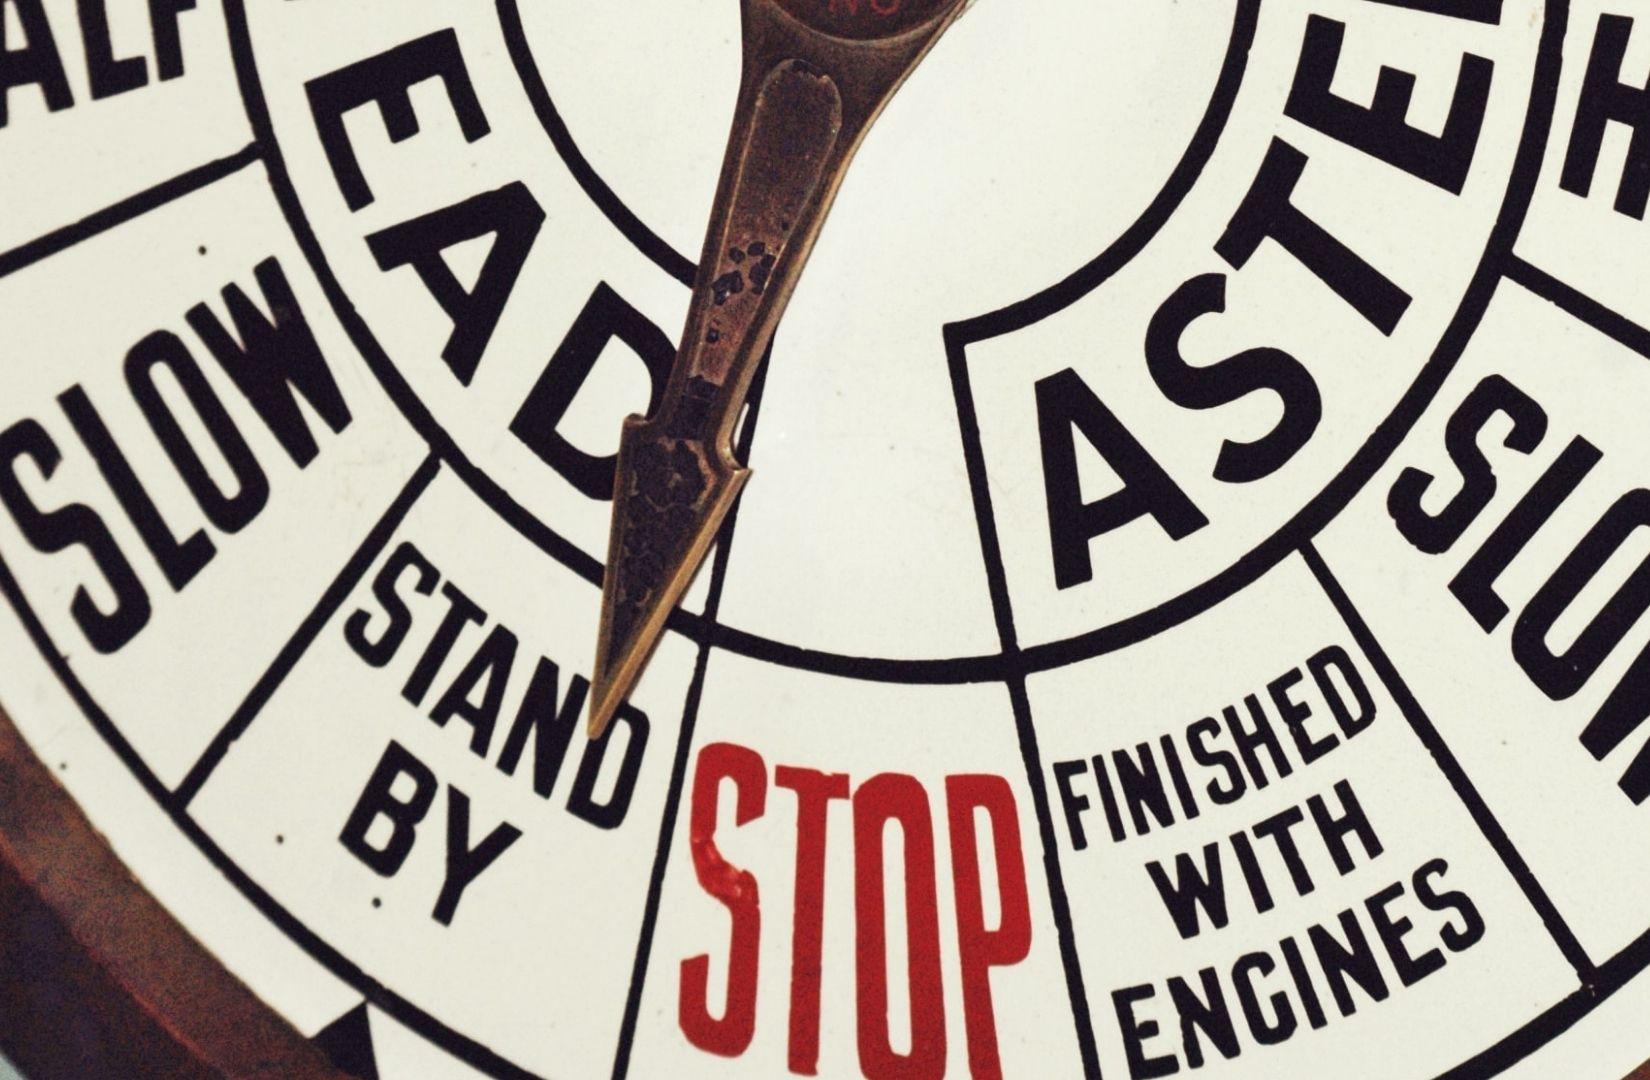 Faschismus kommt in einer weichen Form, die nicht an einen alten Formen erinnert. (Symbolfoto; Jen Theodore, Unsplash.com)